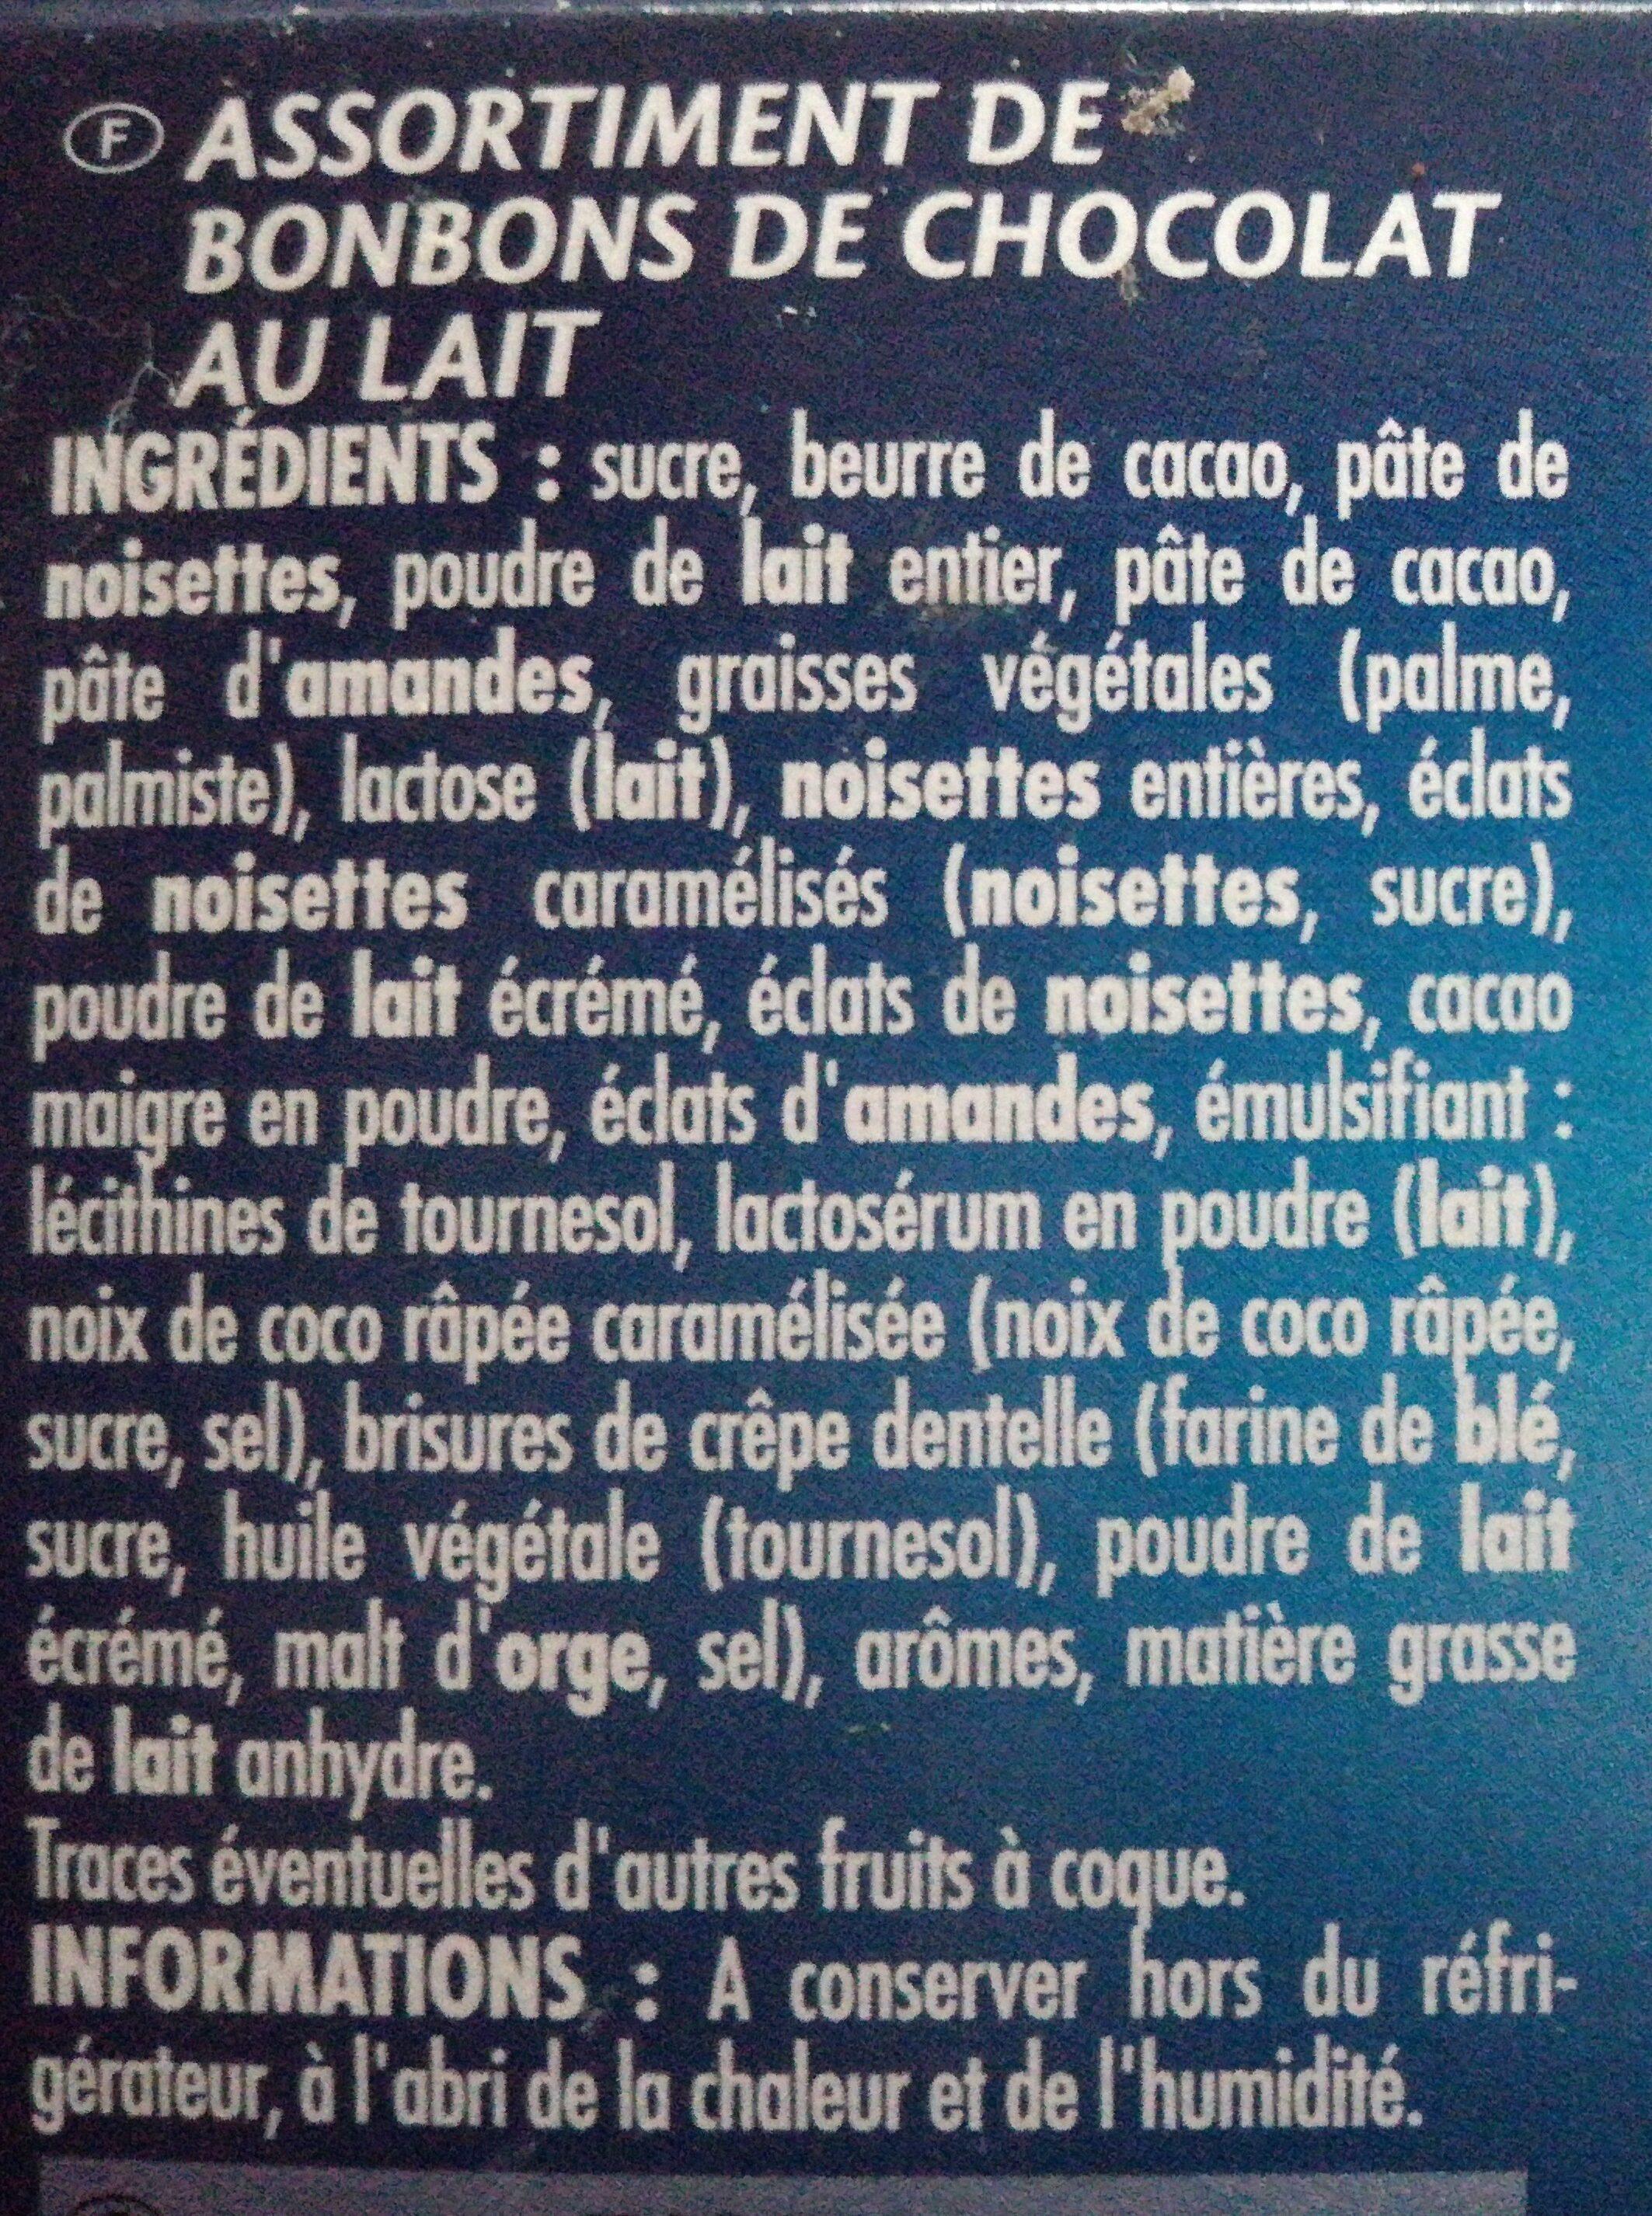 Assortiments Lait - Ingredients